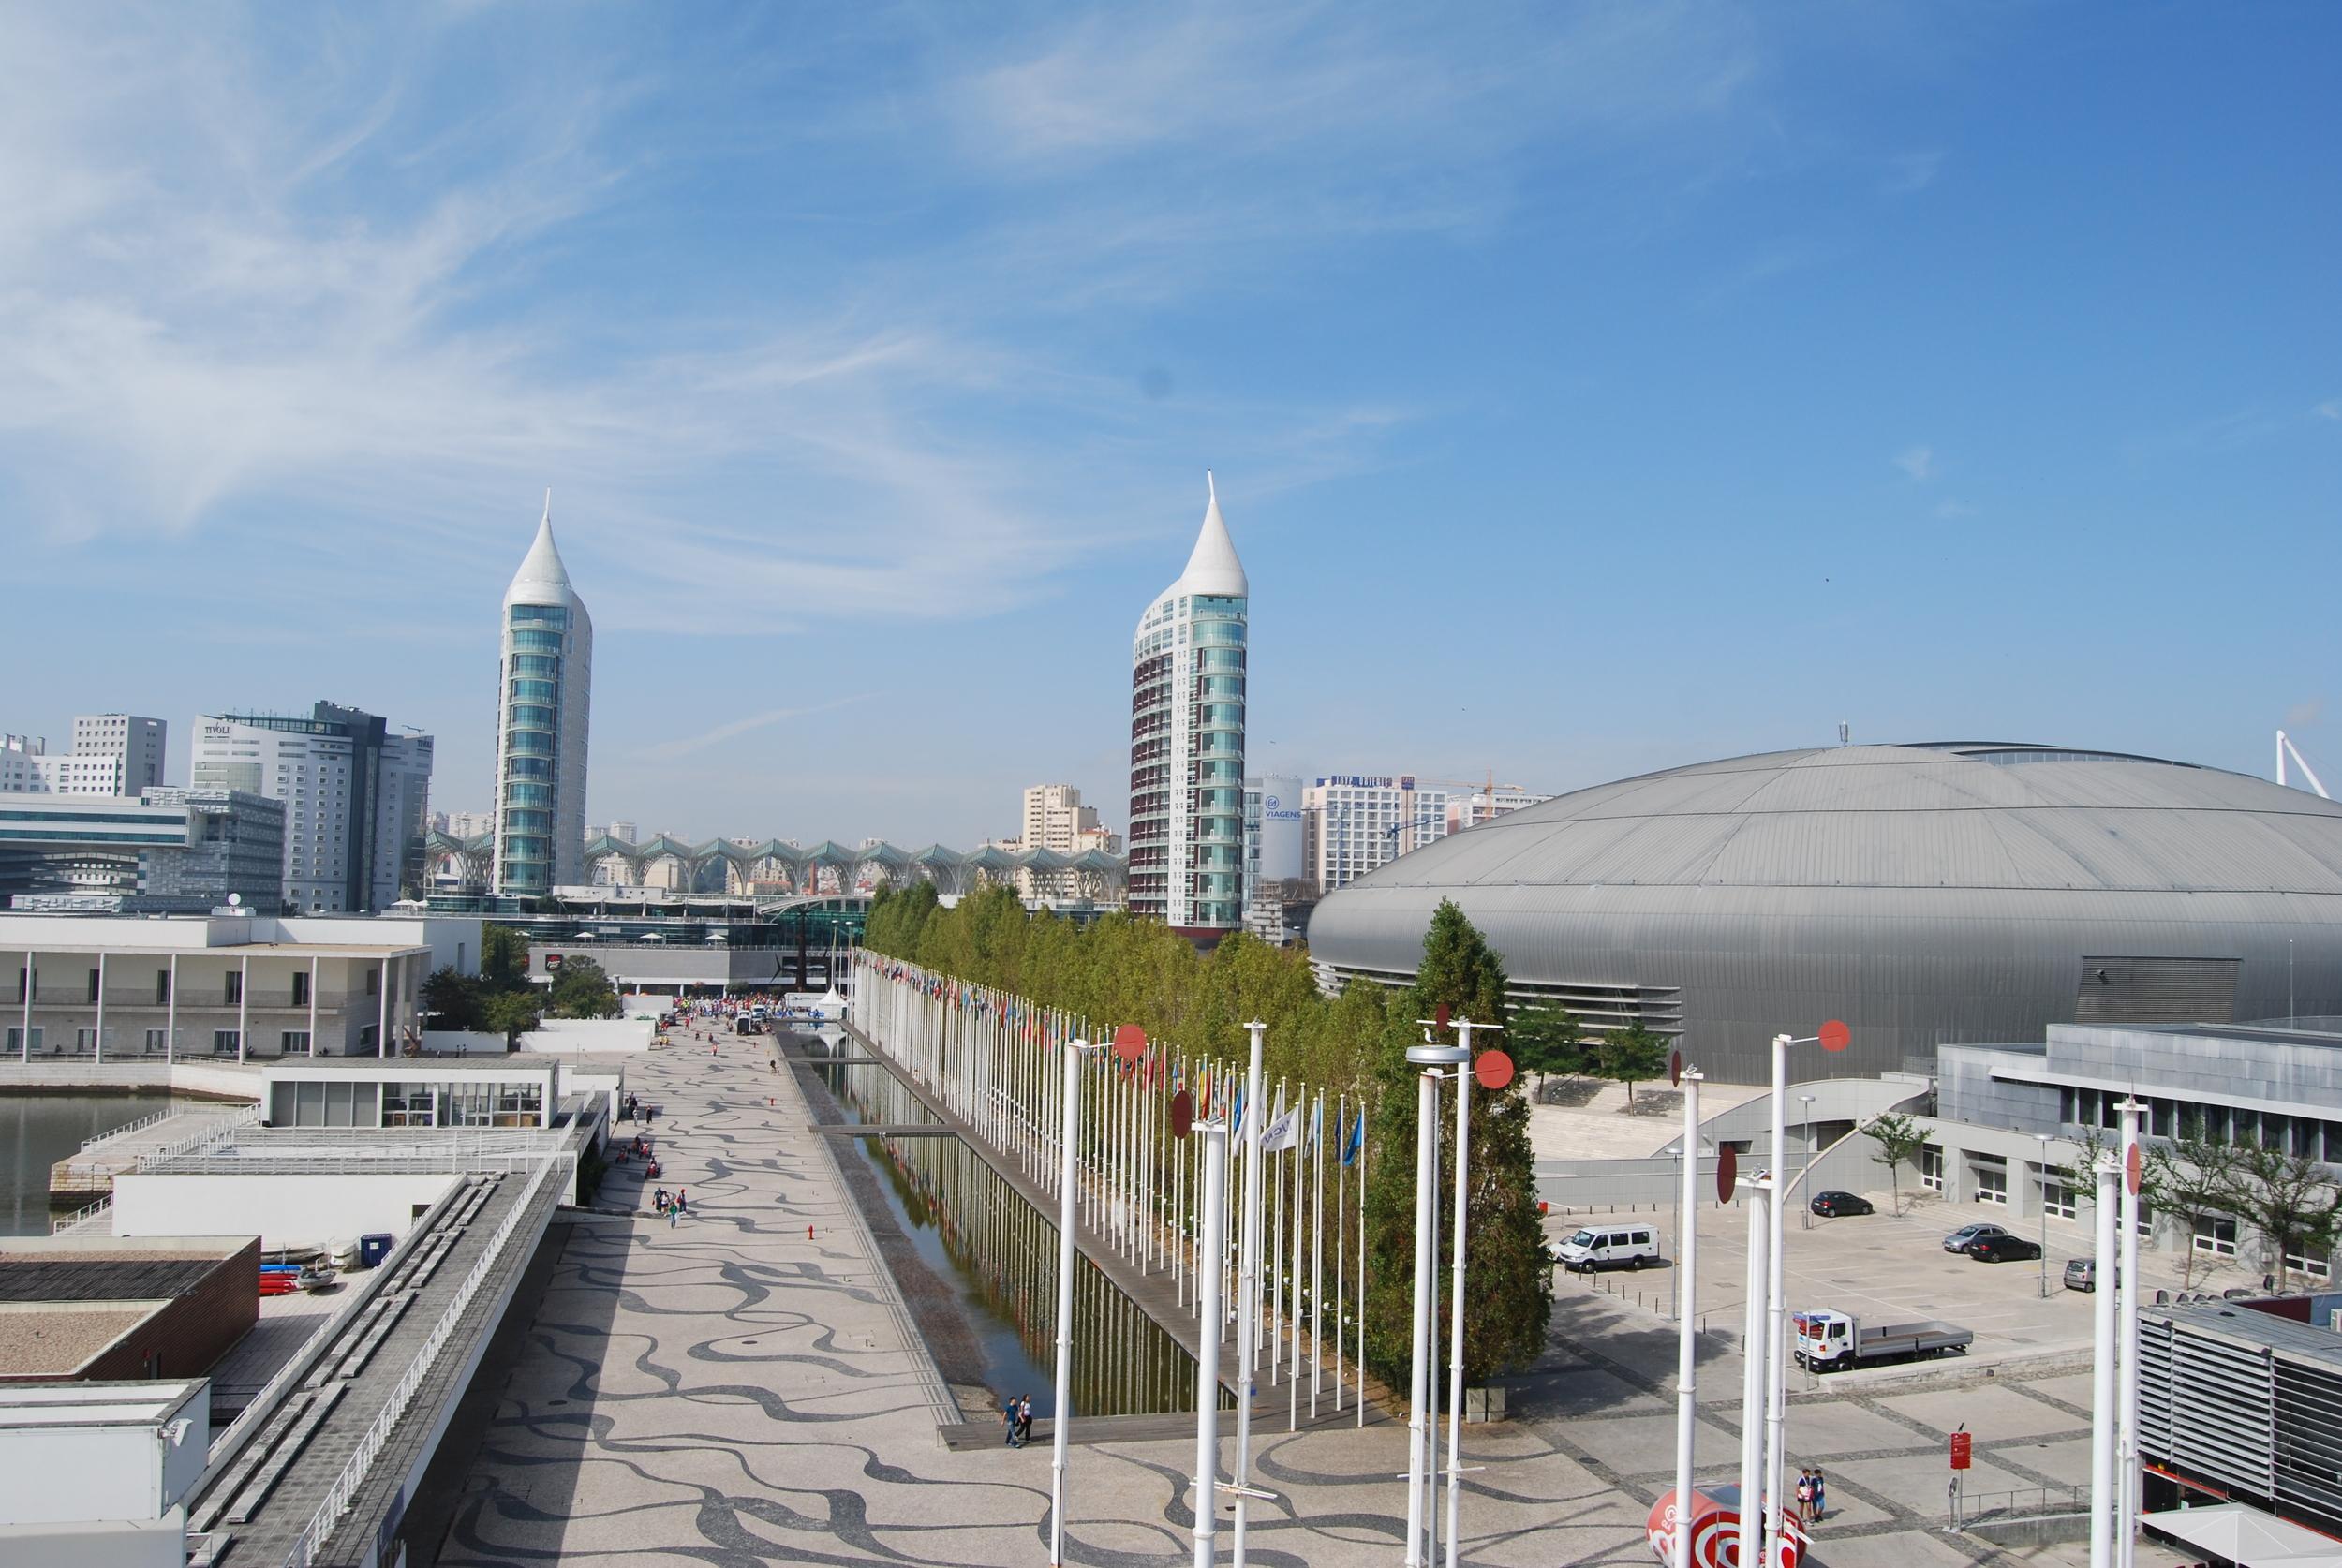 Expo Park